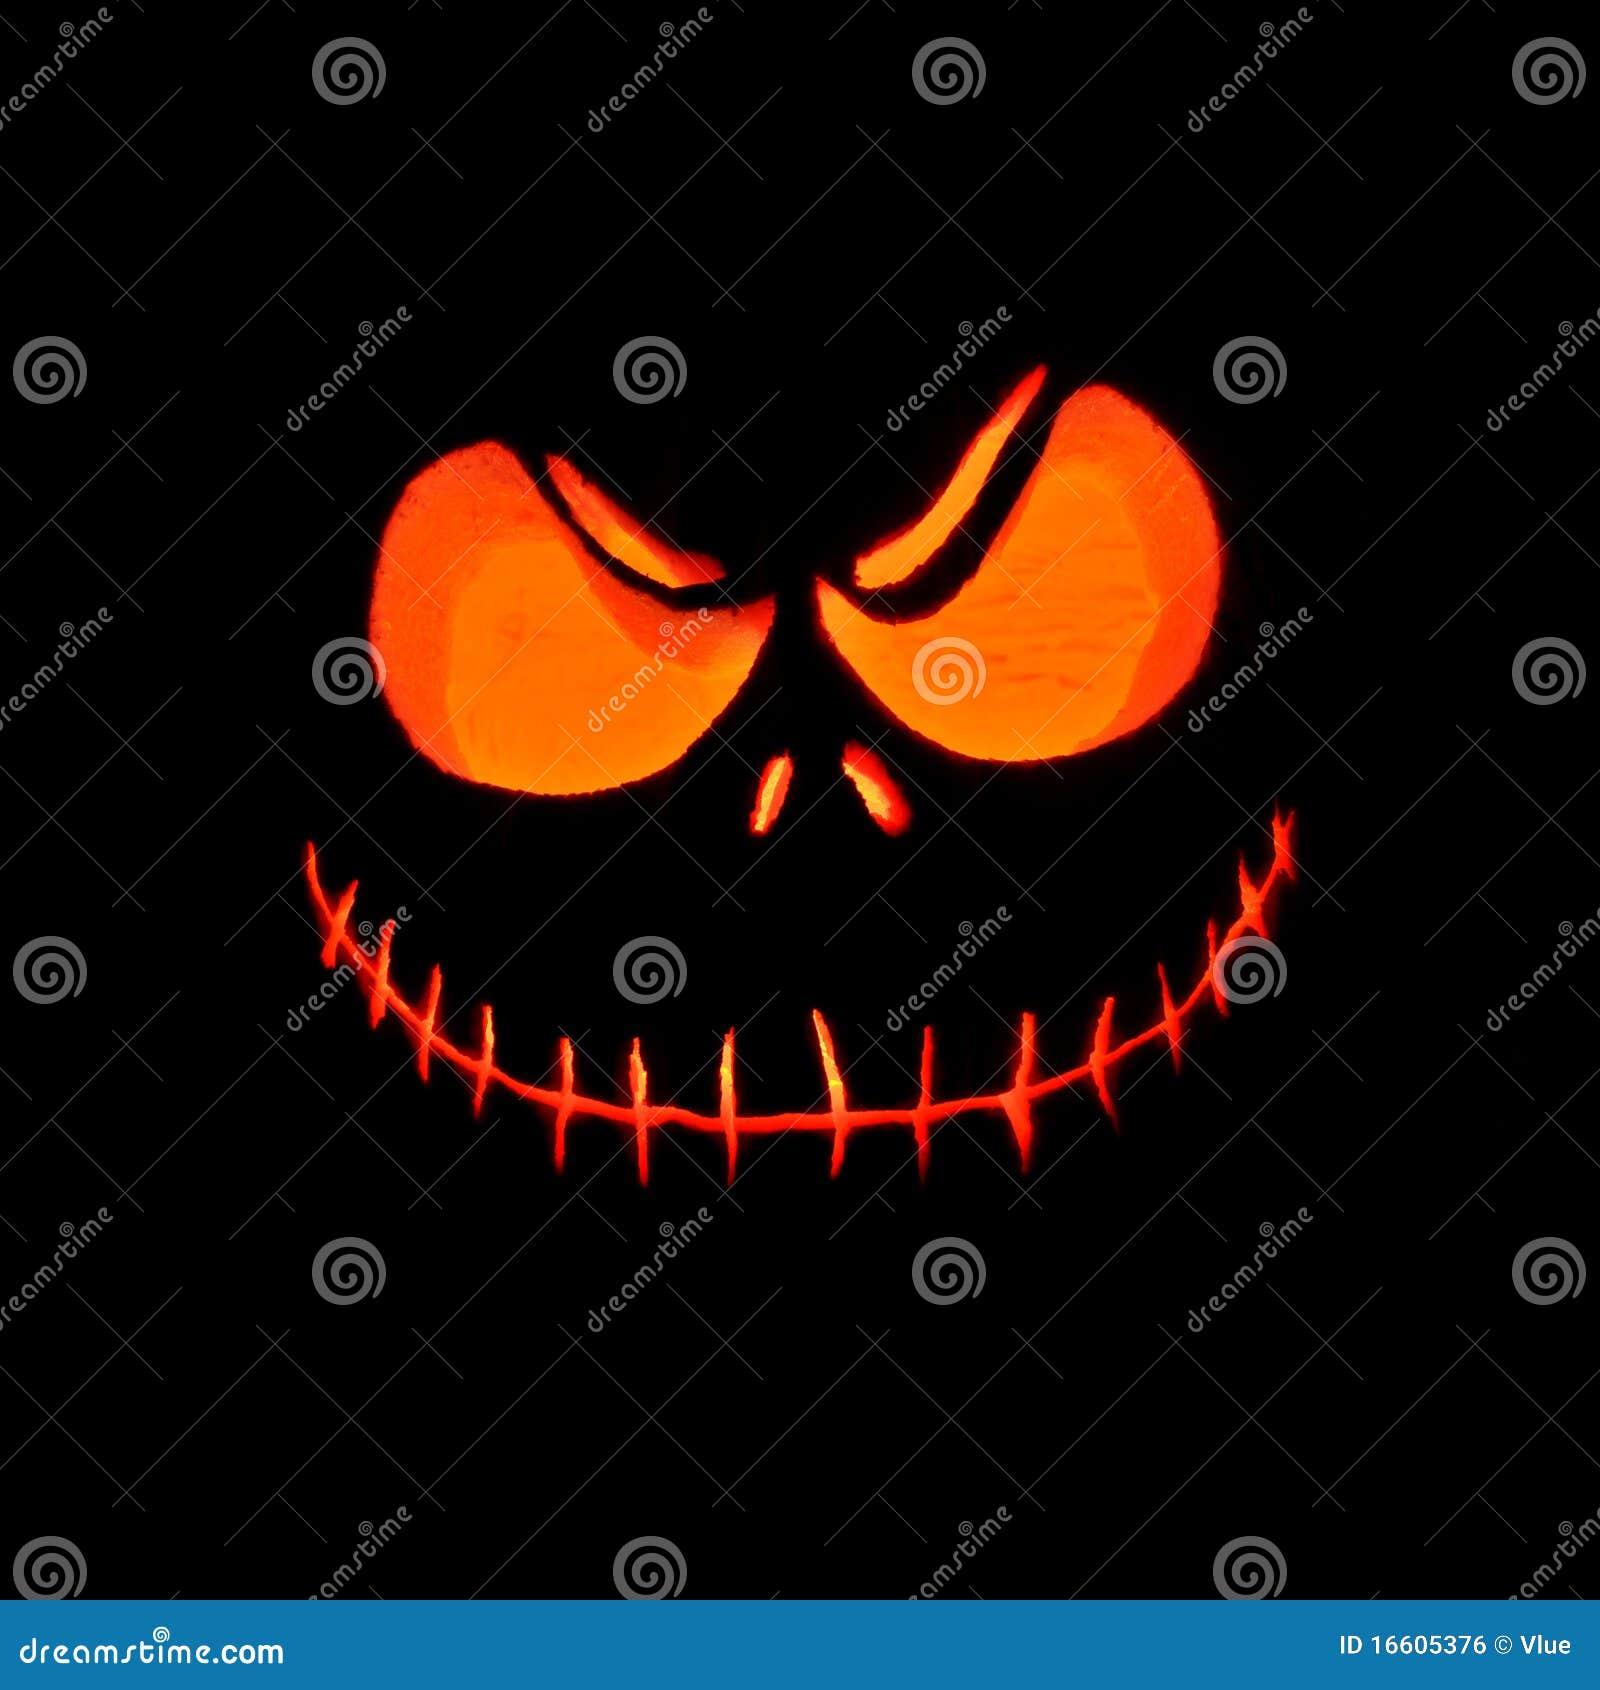 halloween jack o lantern pumpkin royalty free stock image image